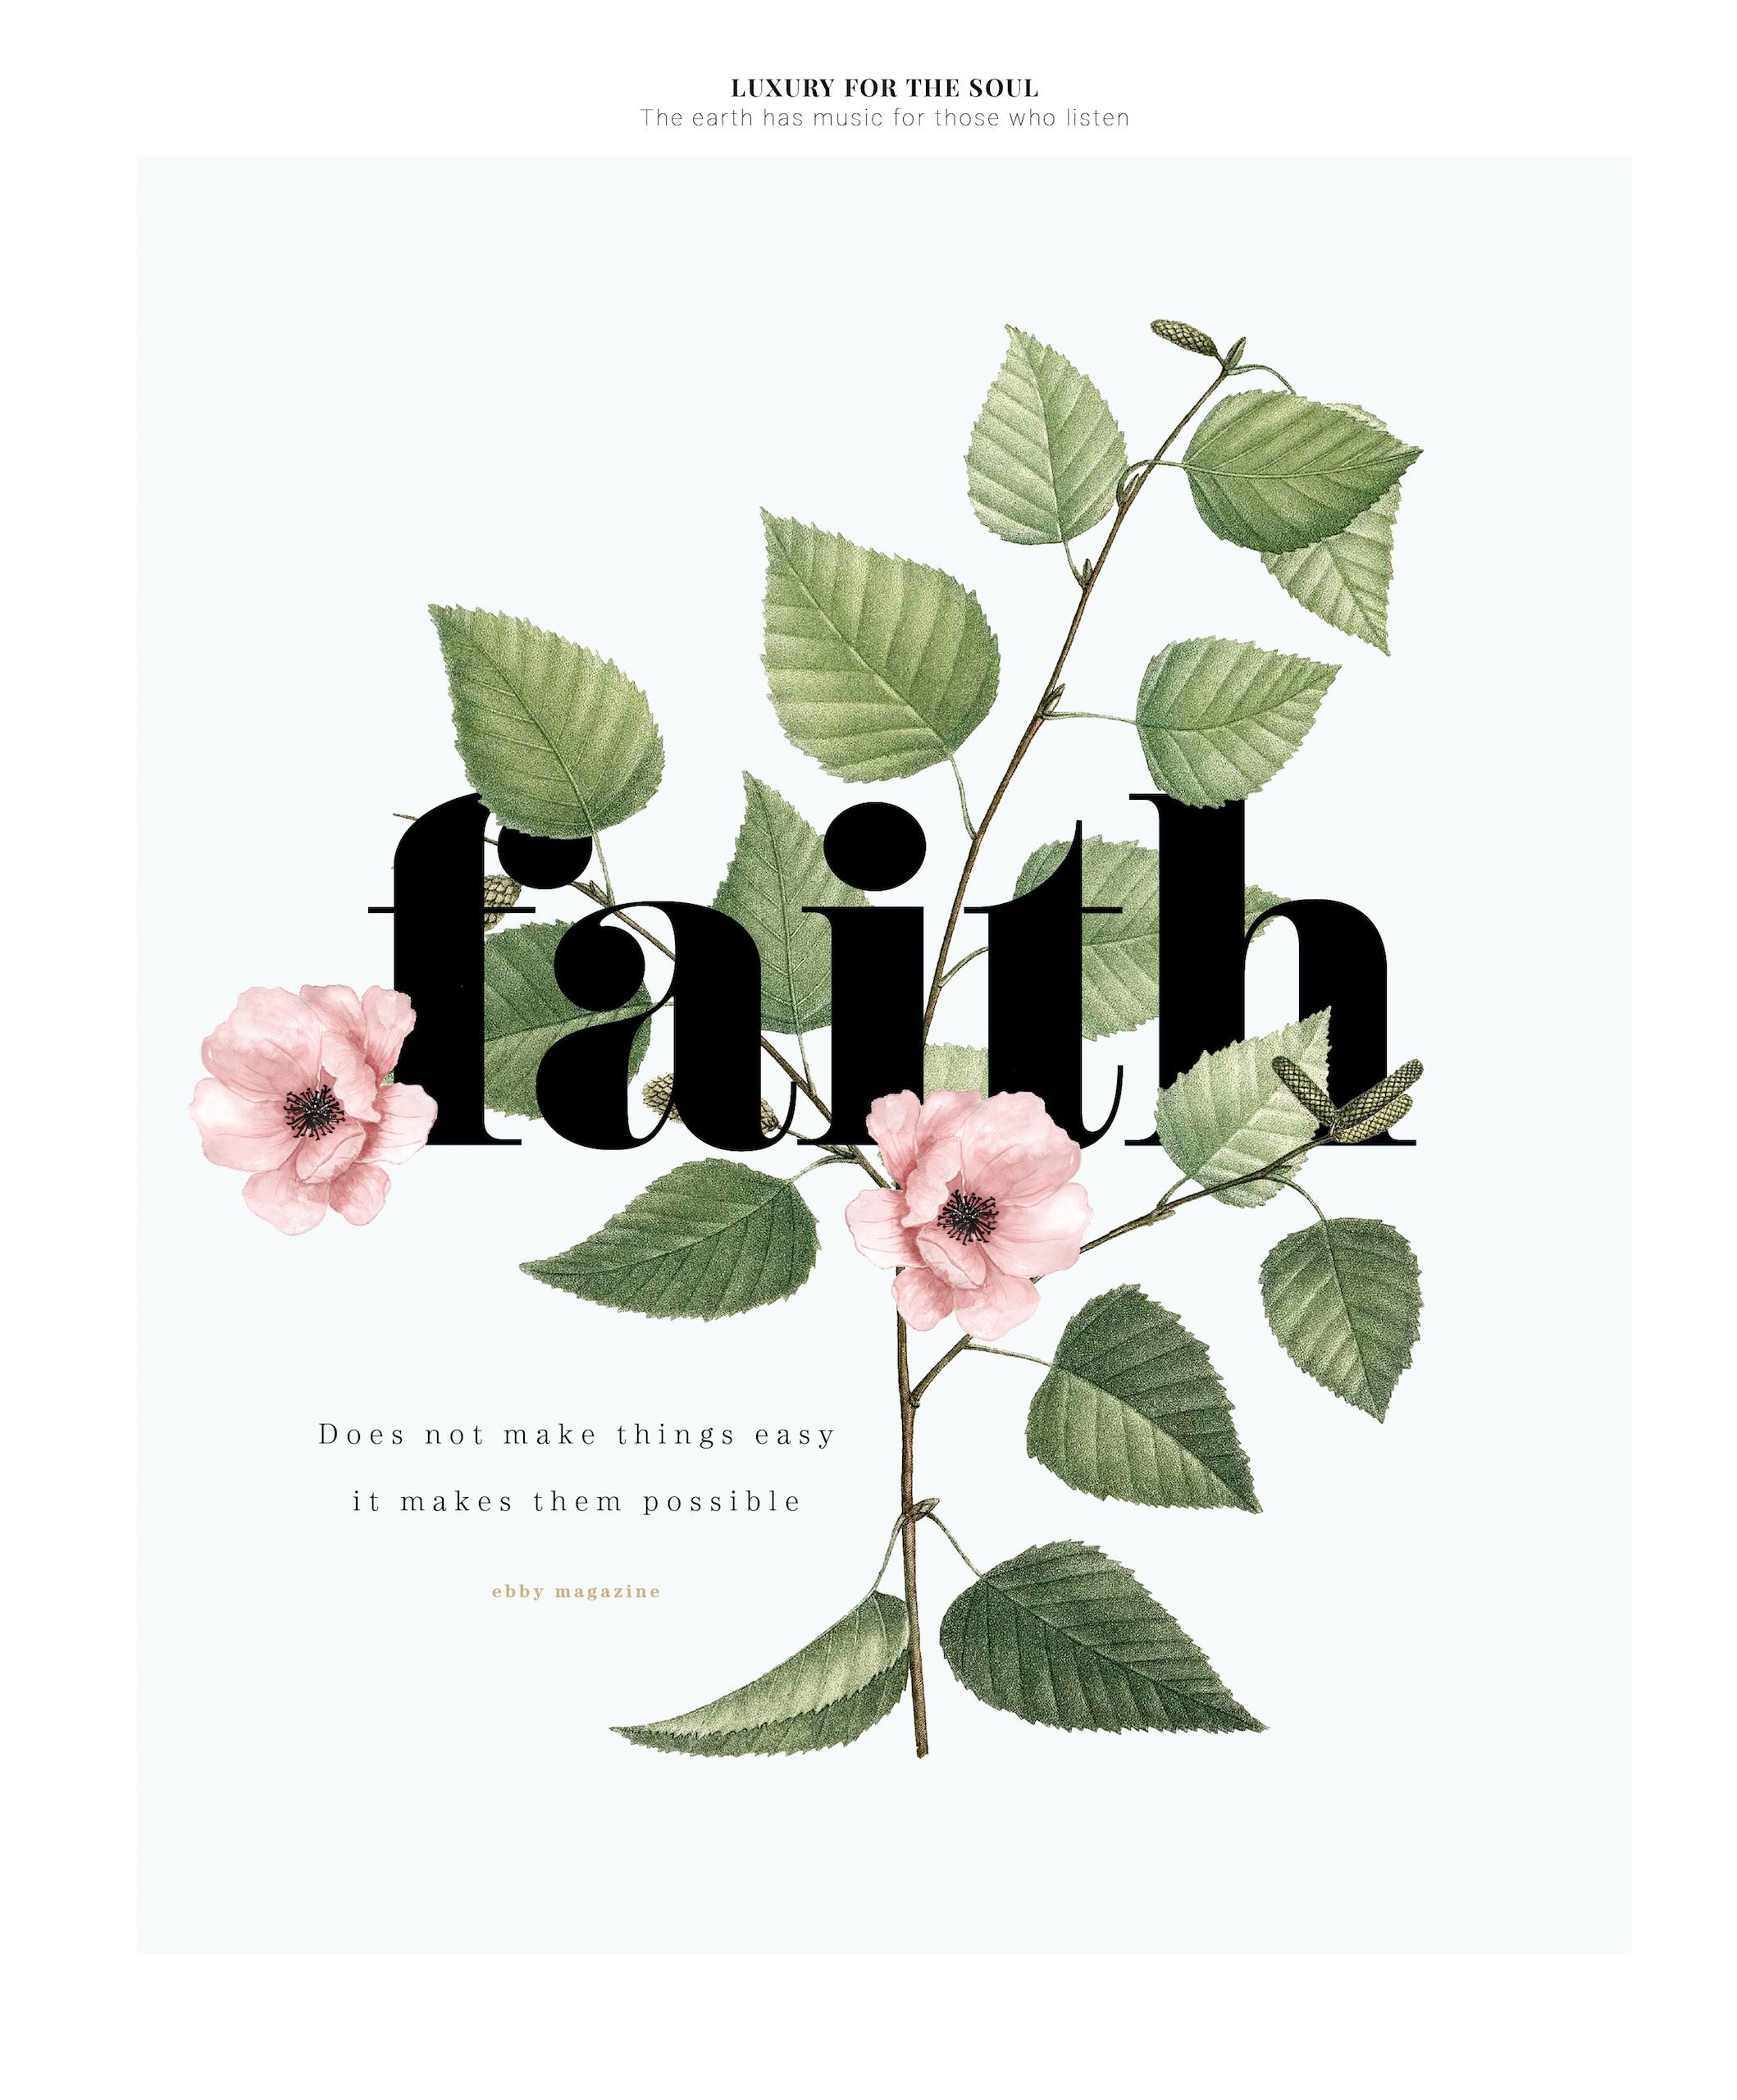 Luxury for the soul / Faith